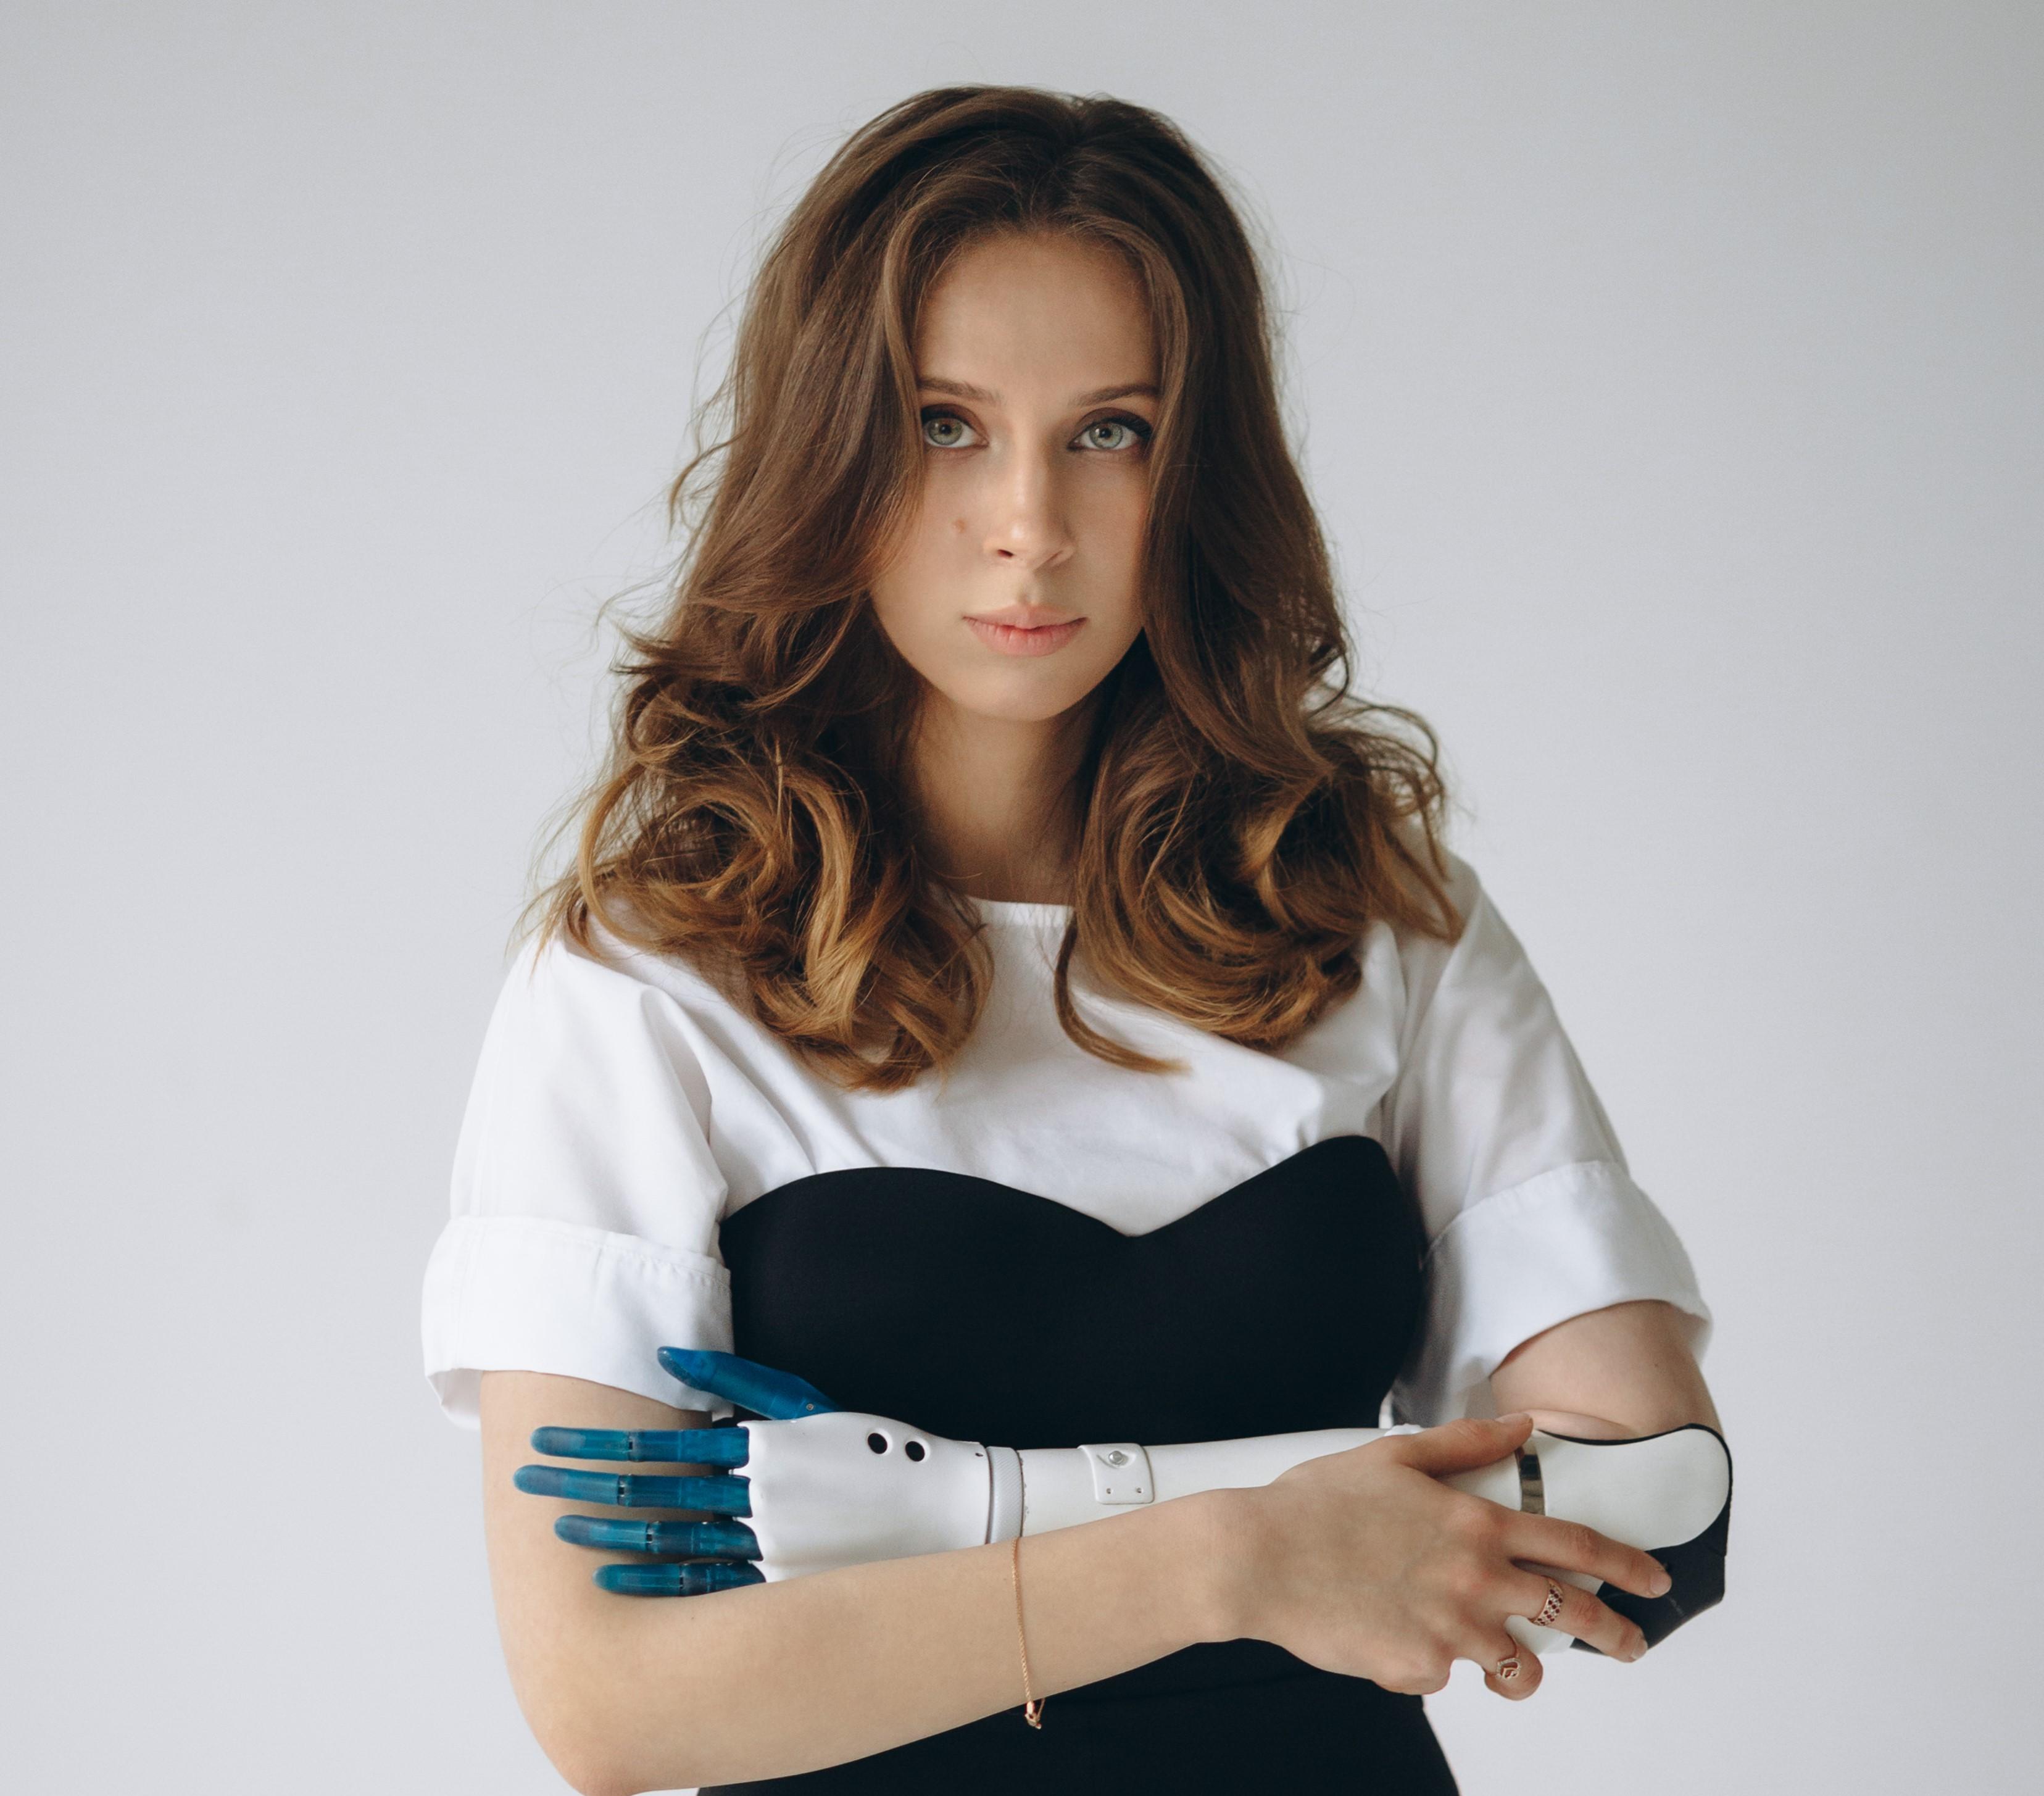 Первая версия роботизированной руки. Фото: Esper Bionics